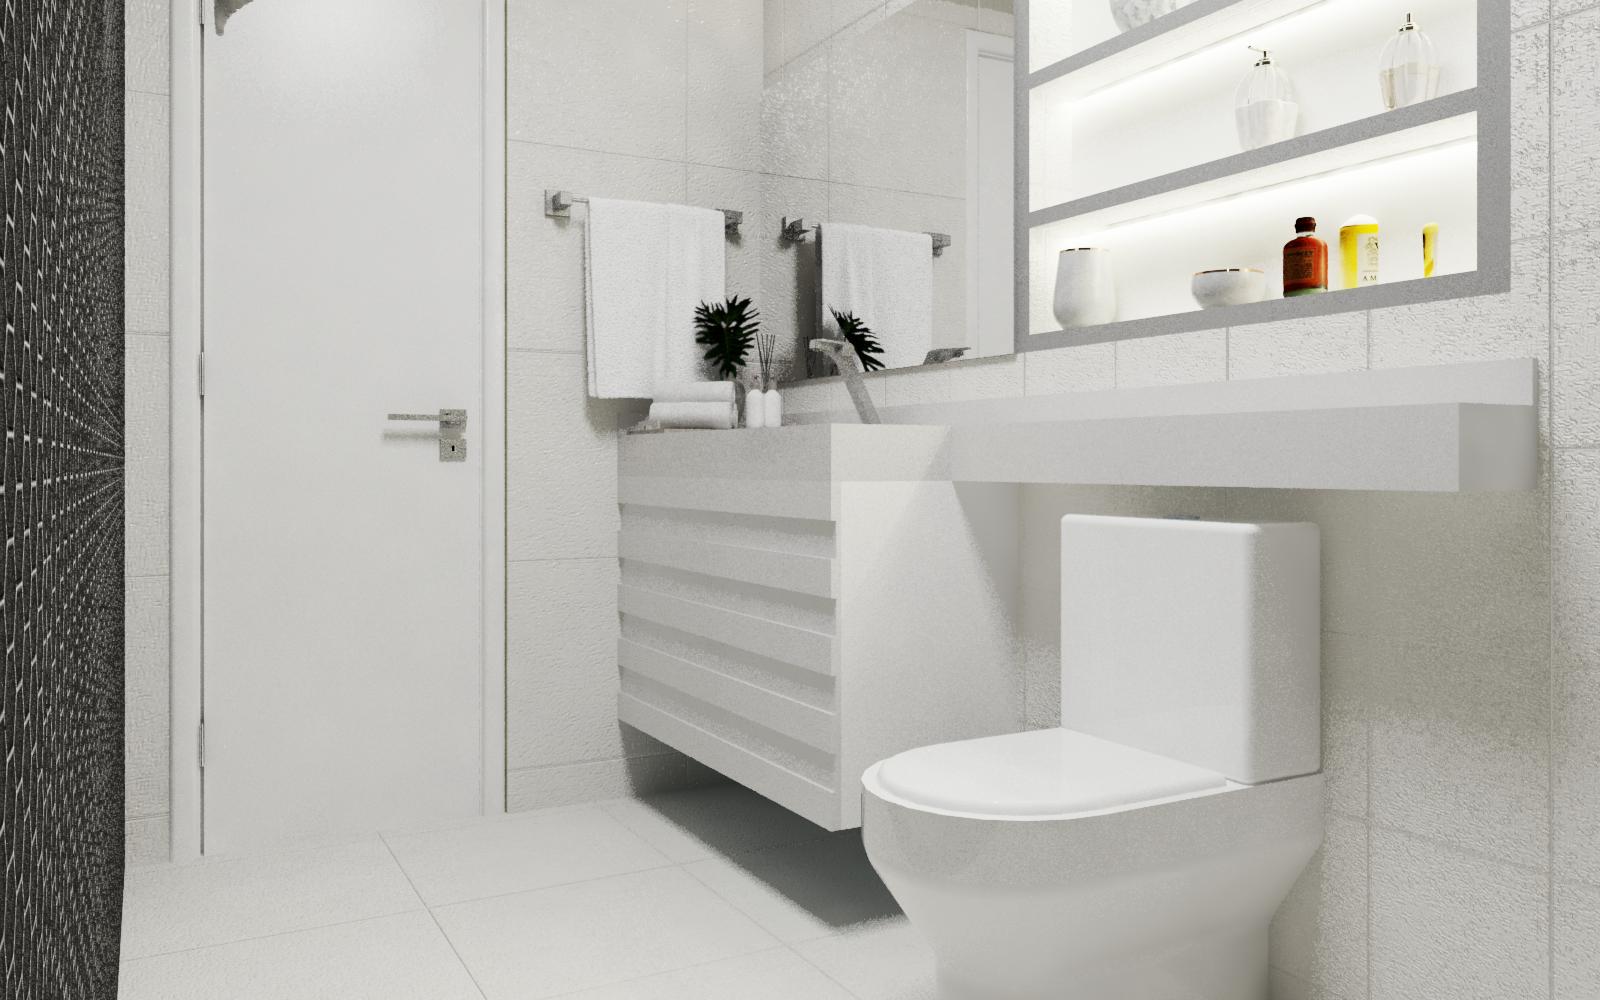 banheiro revisado3.png